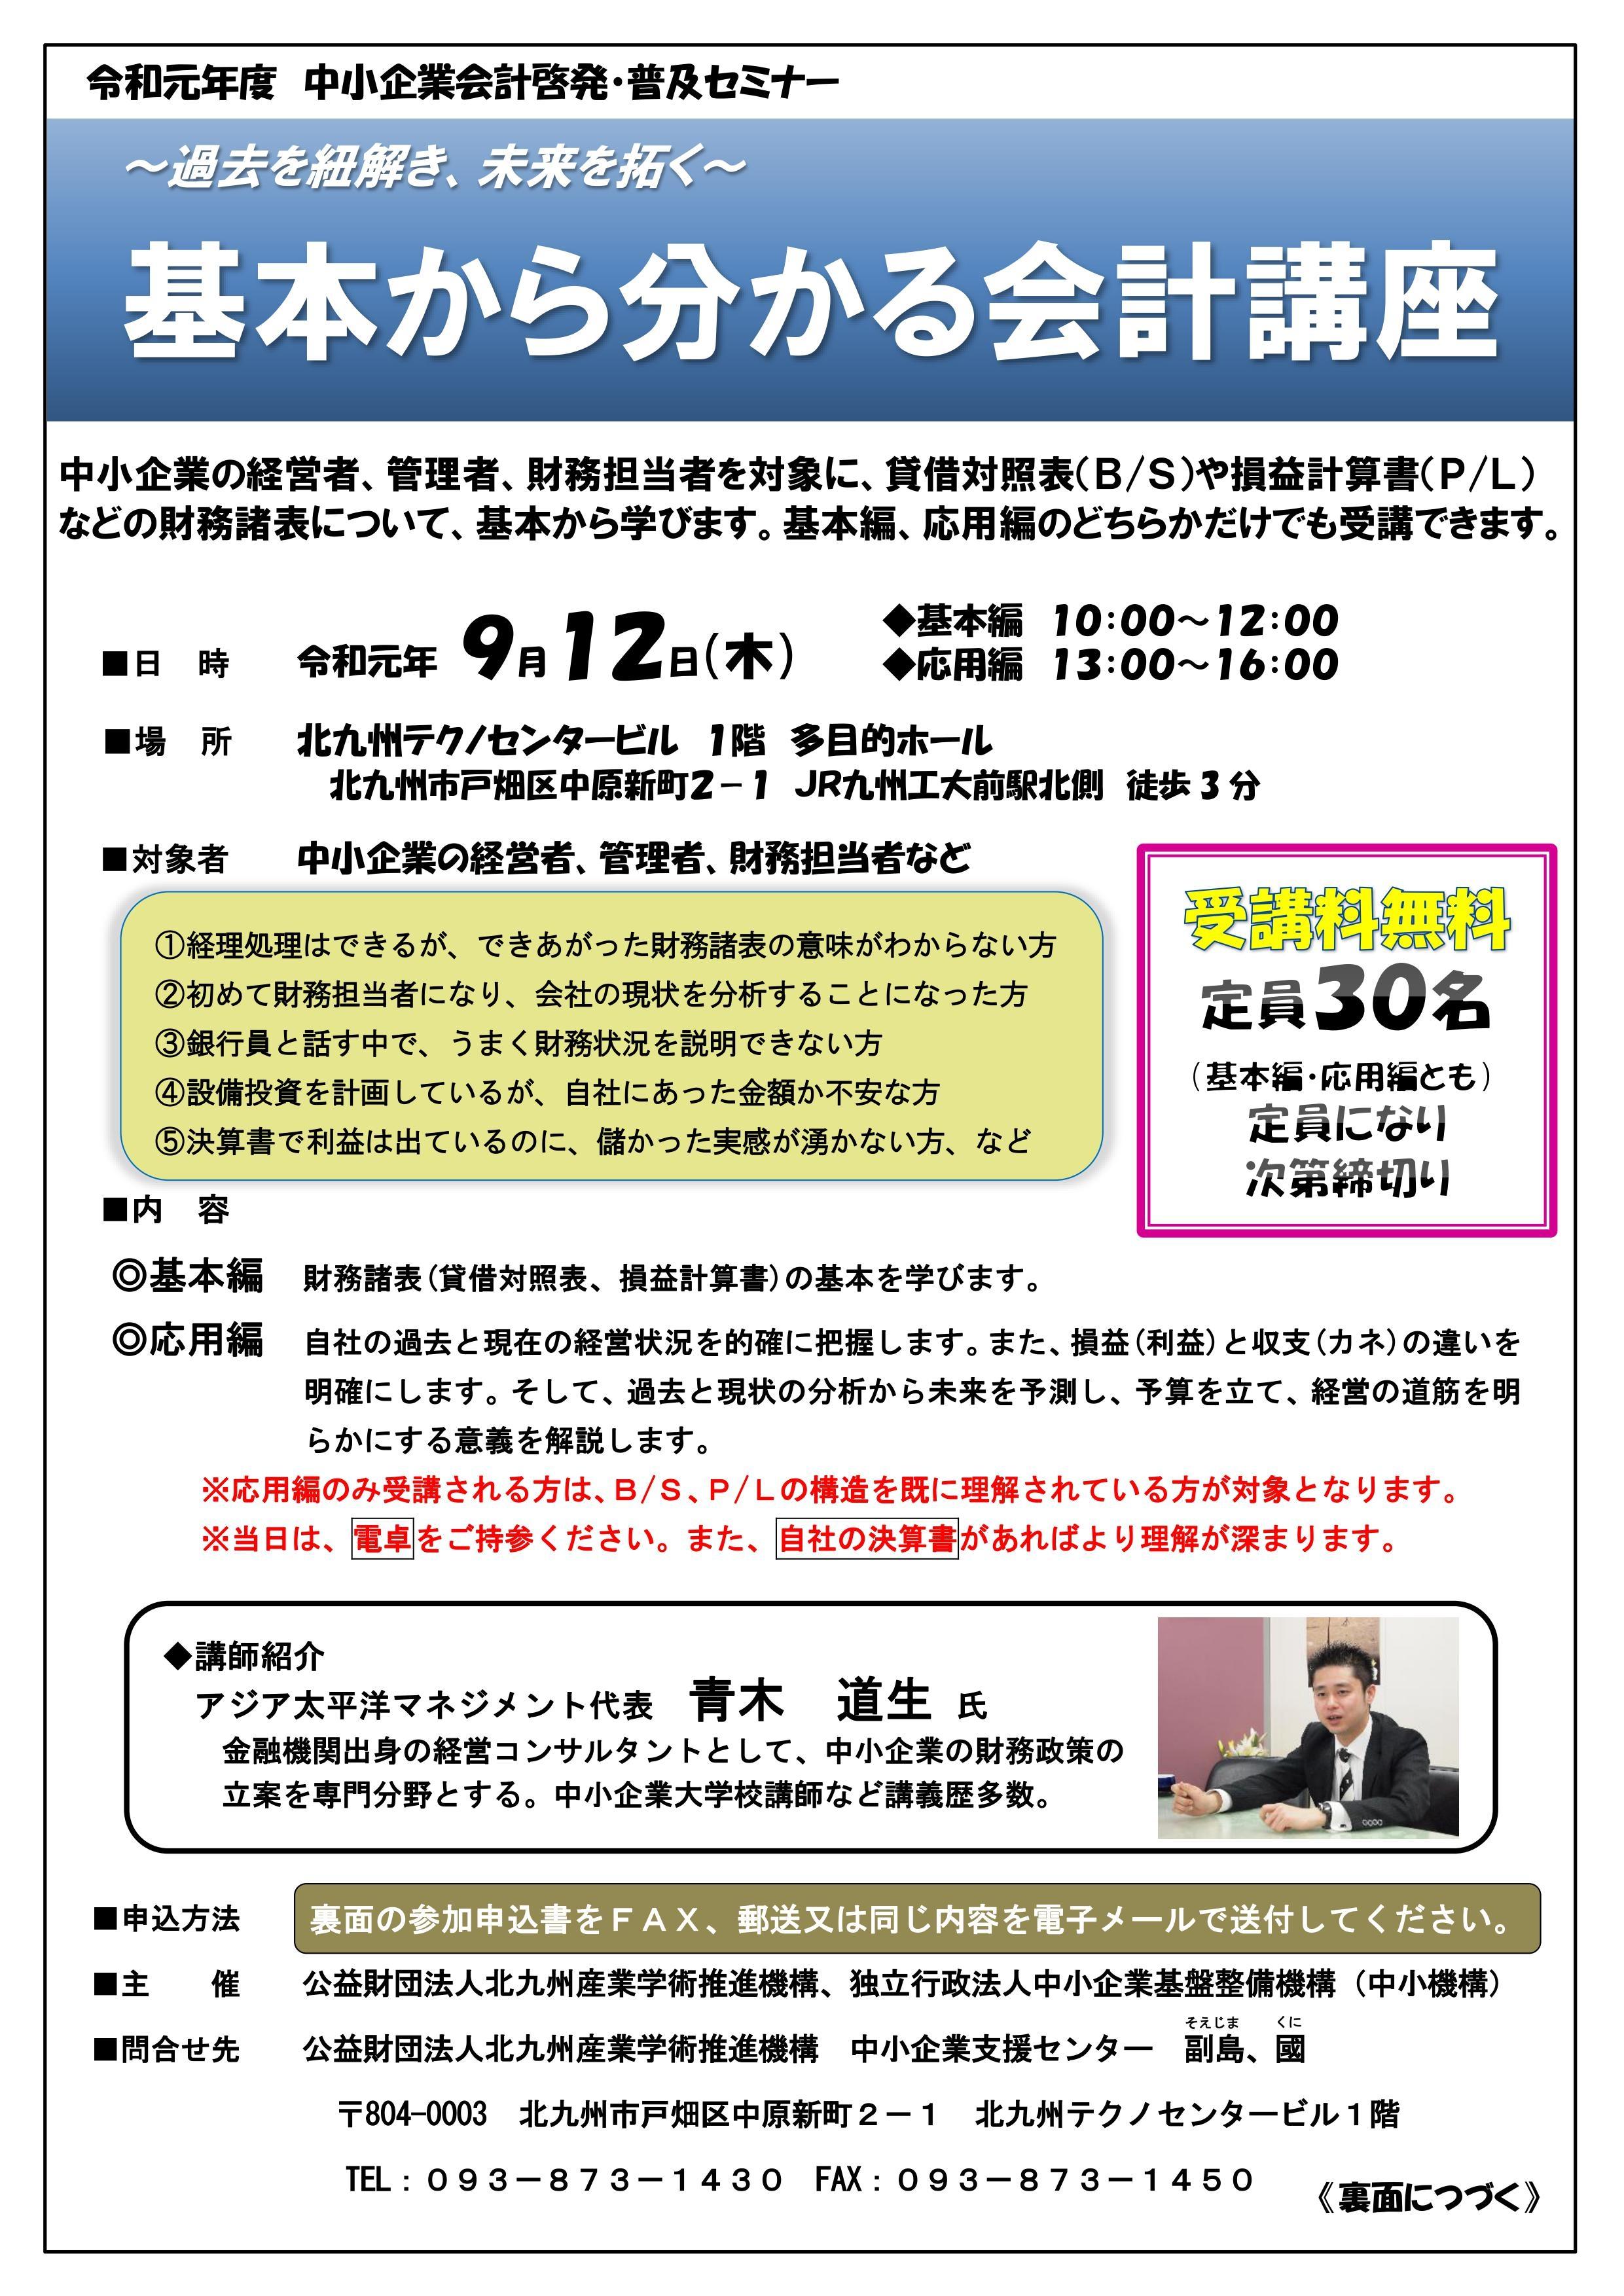 http://www.ksrp.or.jp/fais/news/r1kaikei_omote.jpeg.jpg